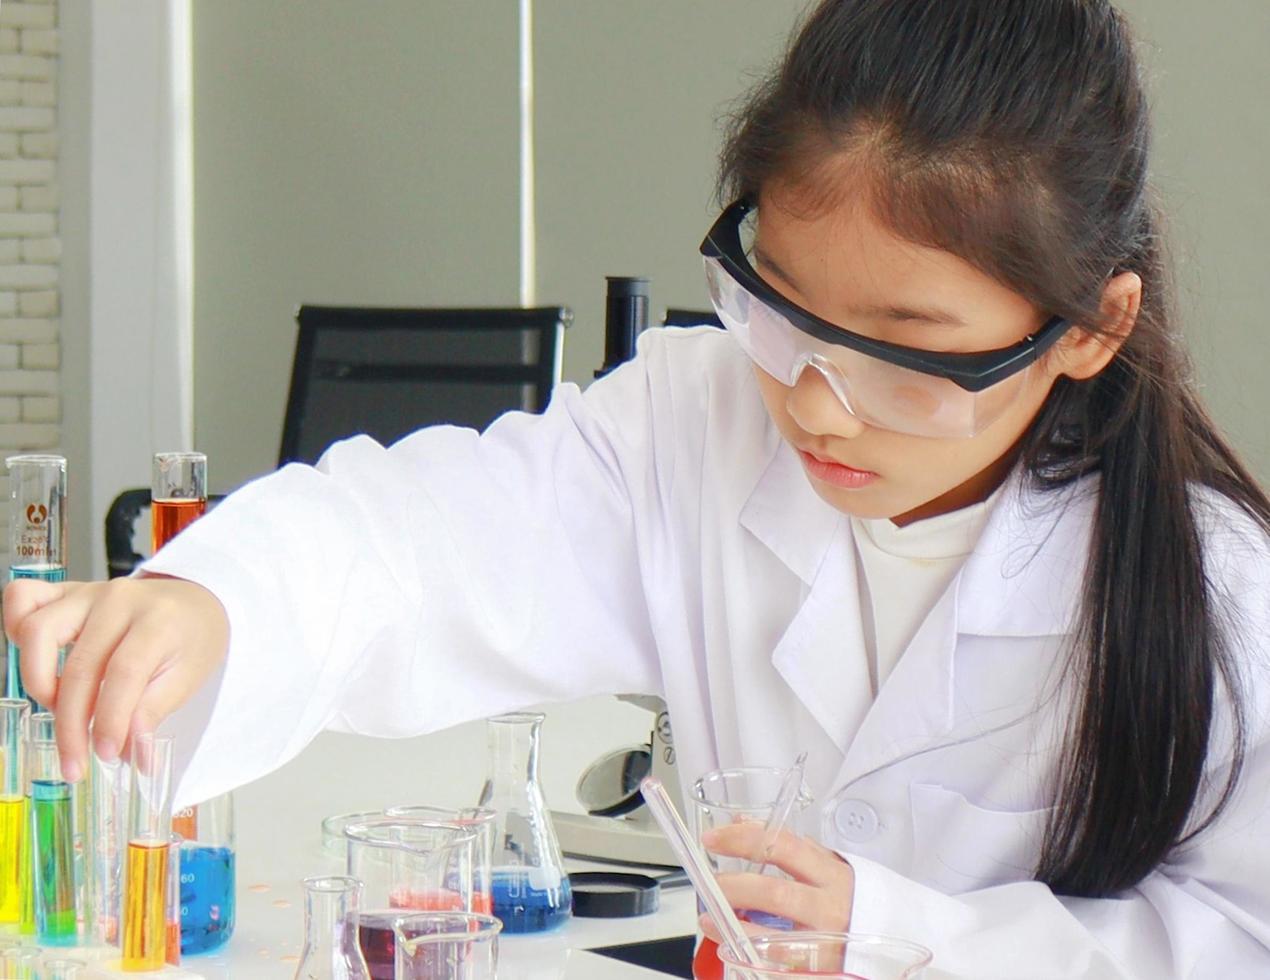 jonge vrouwelijke student doet wetenschappelijke experimenten met een chemische buis in een laboratorium foto